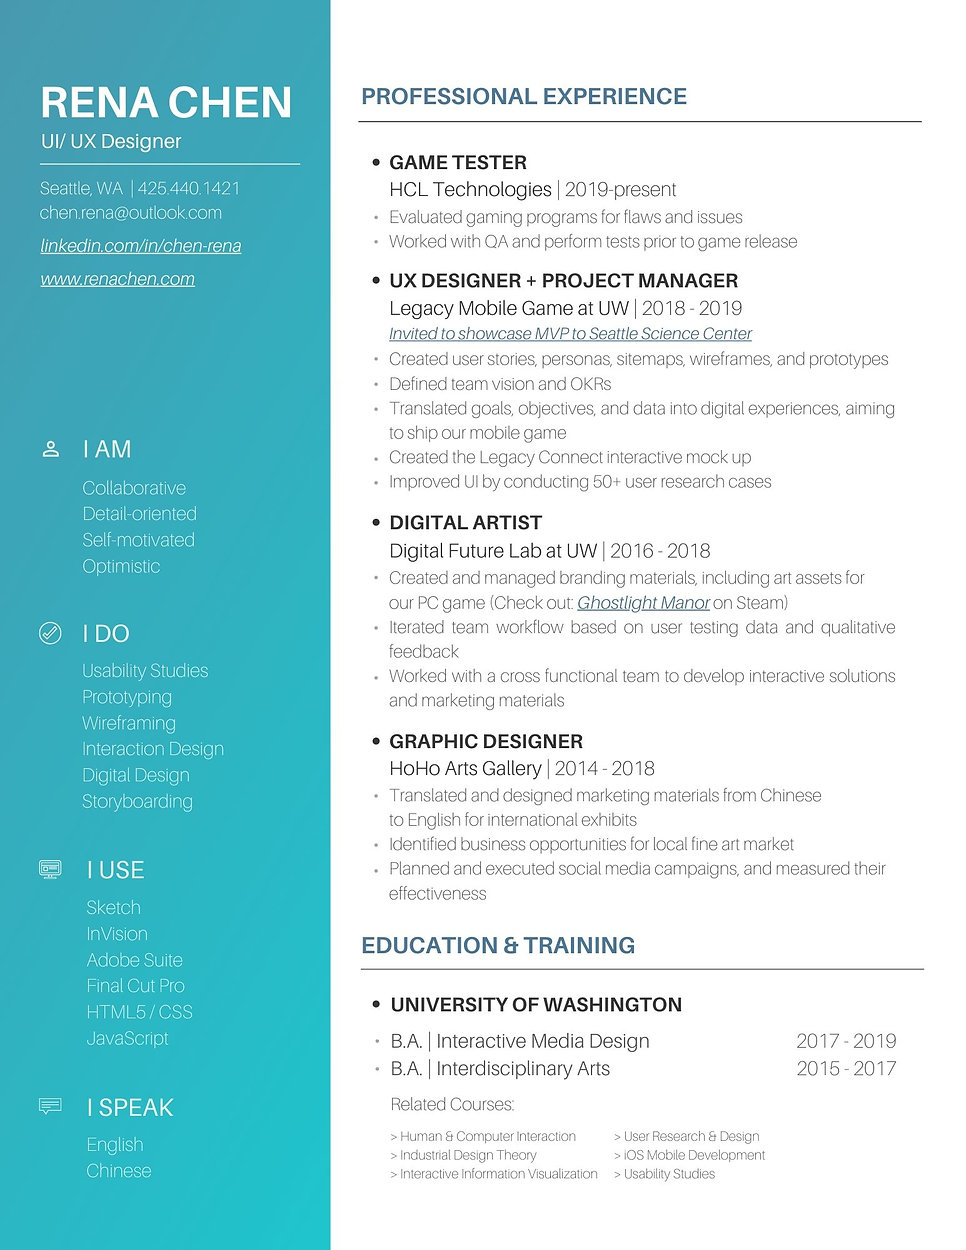 Rena Chen Resume - UX Designer.jpg